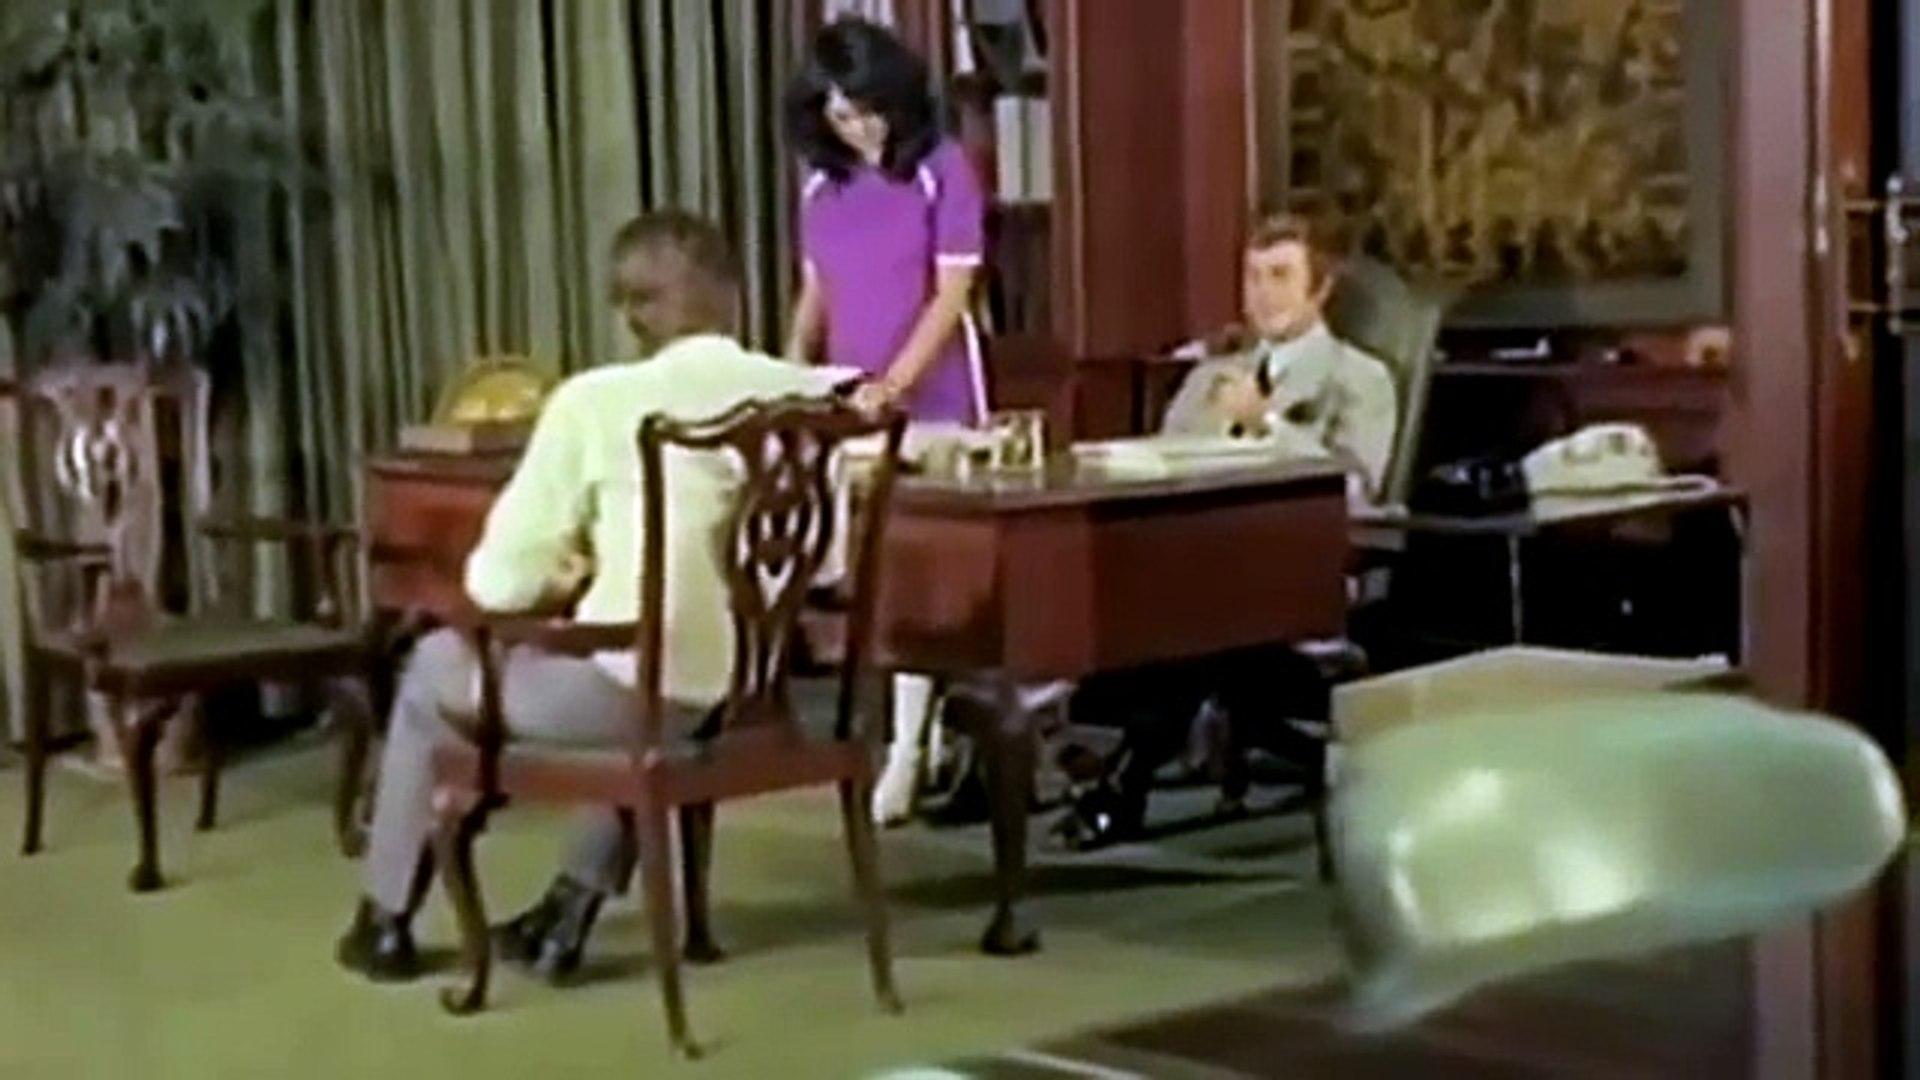 فيلم سيدة الأقمار السوداء- جودة عالية للكبار فقط